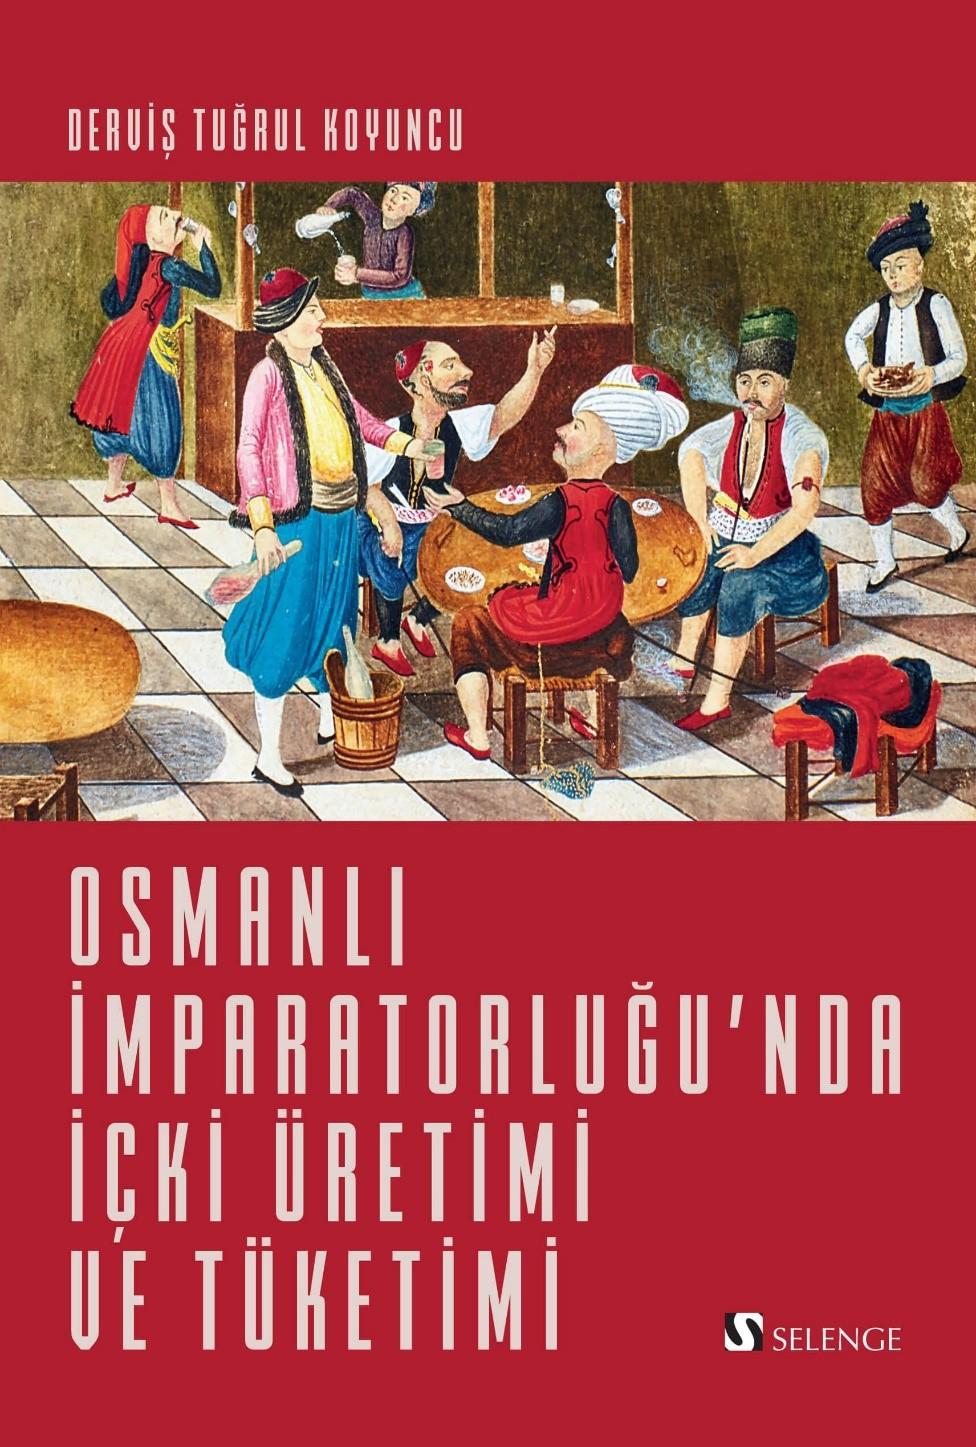 Osmanlı İmparatorluğu'nda İçki Üretimi ve Tüketimi